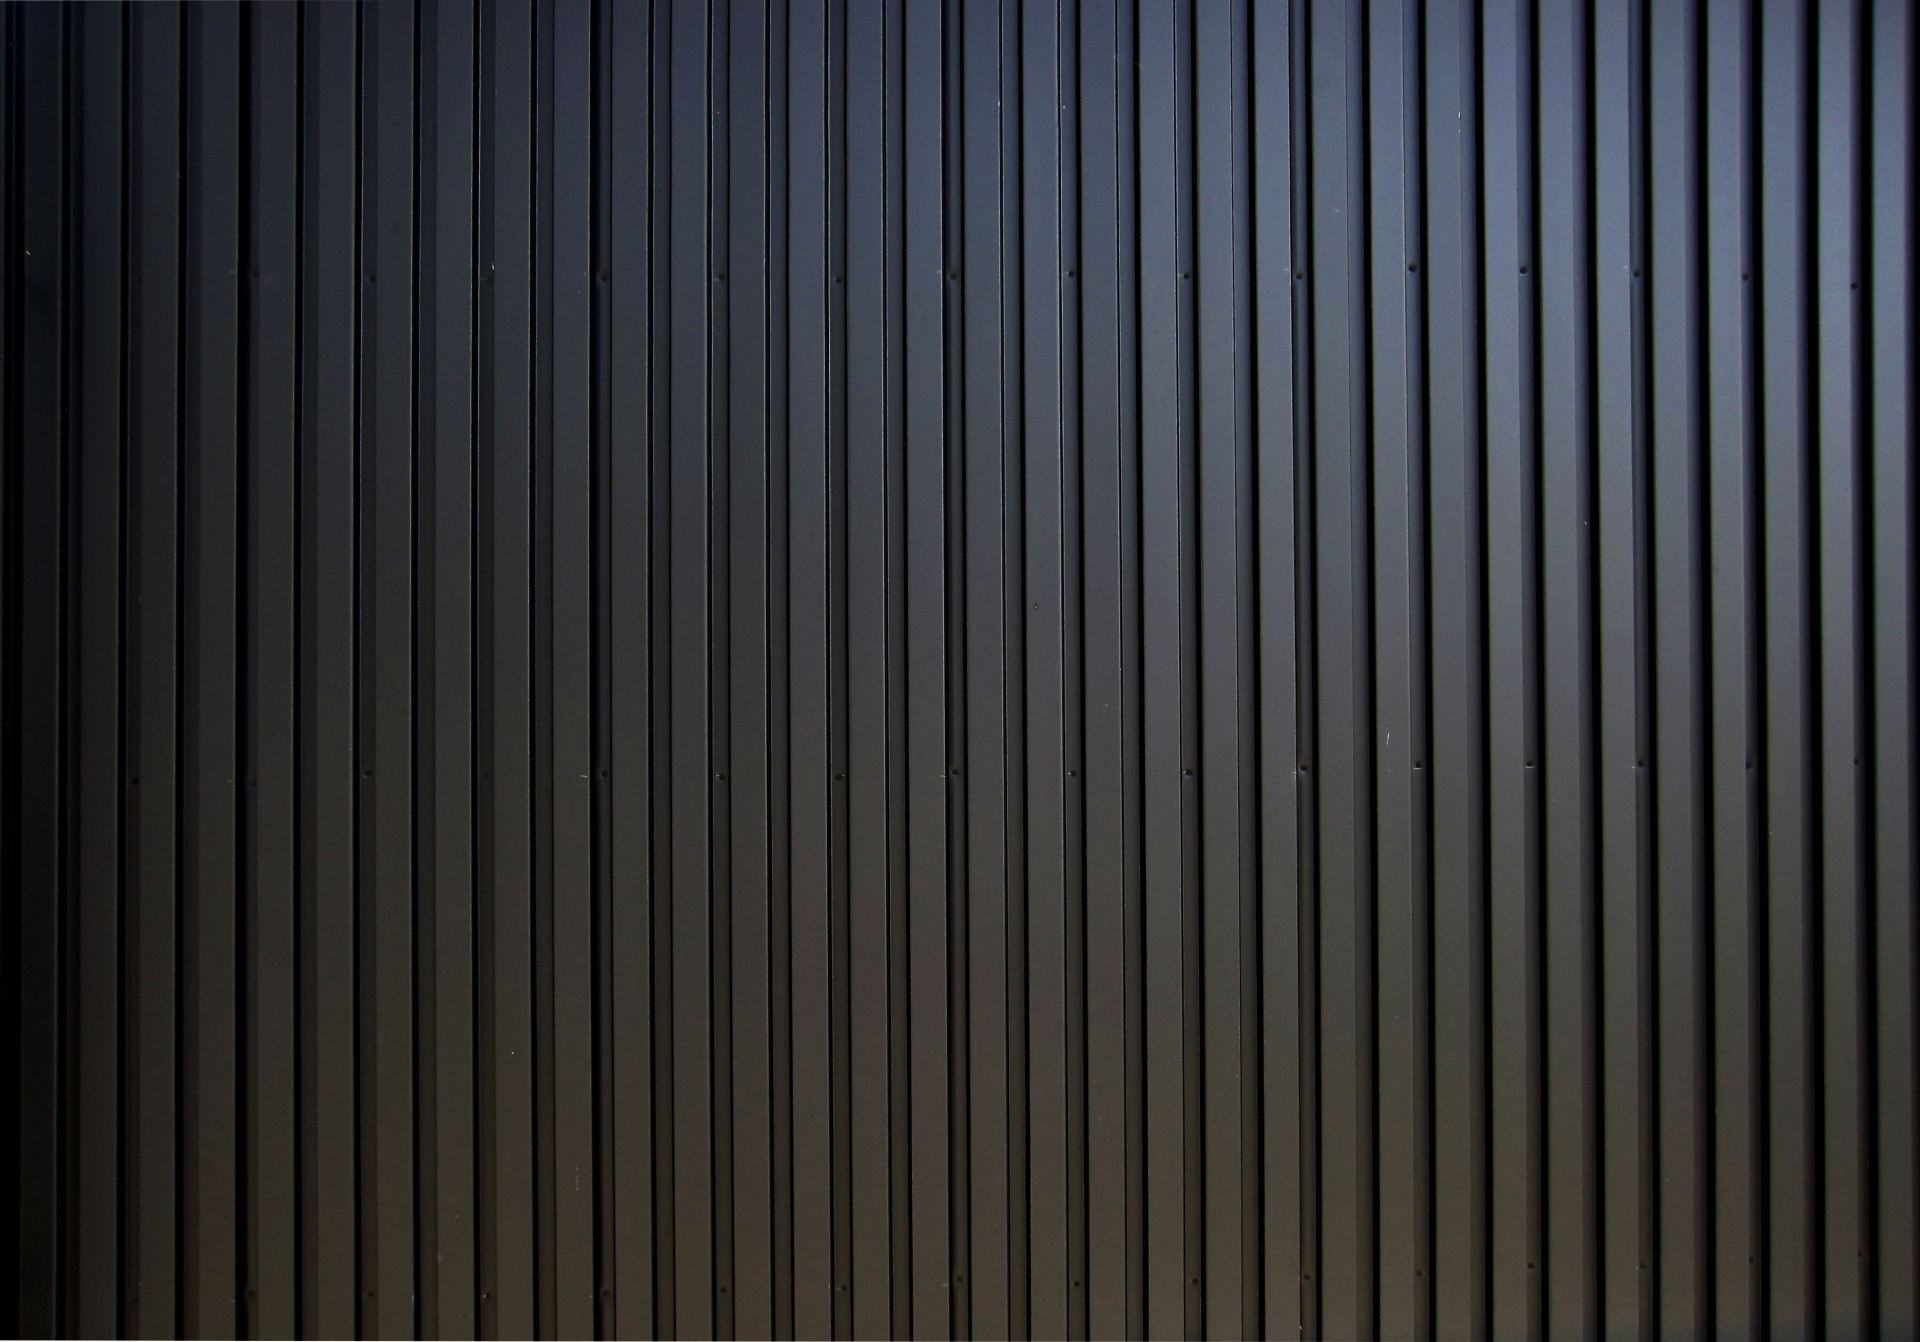 ガルバリウム鋼板で高級感漂う外壁!おすすめ種類5選と選び方ガイド